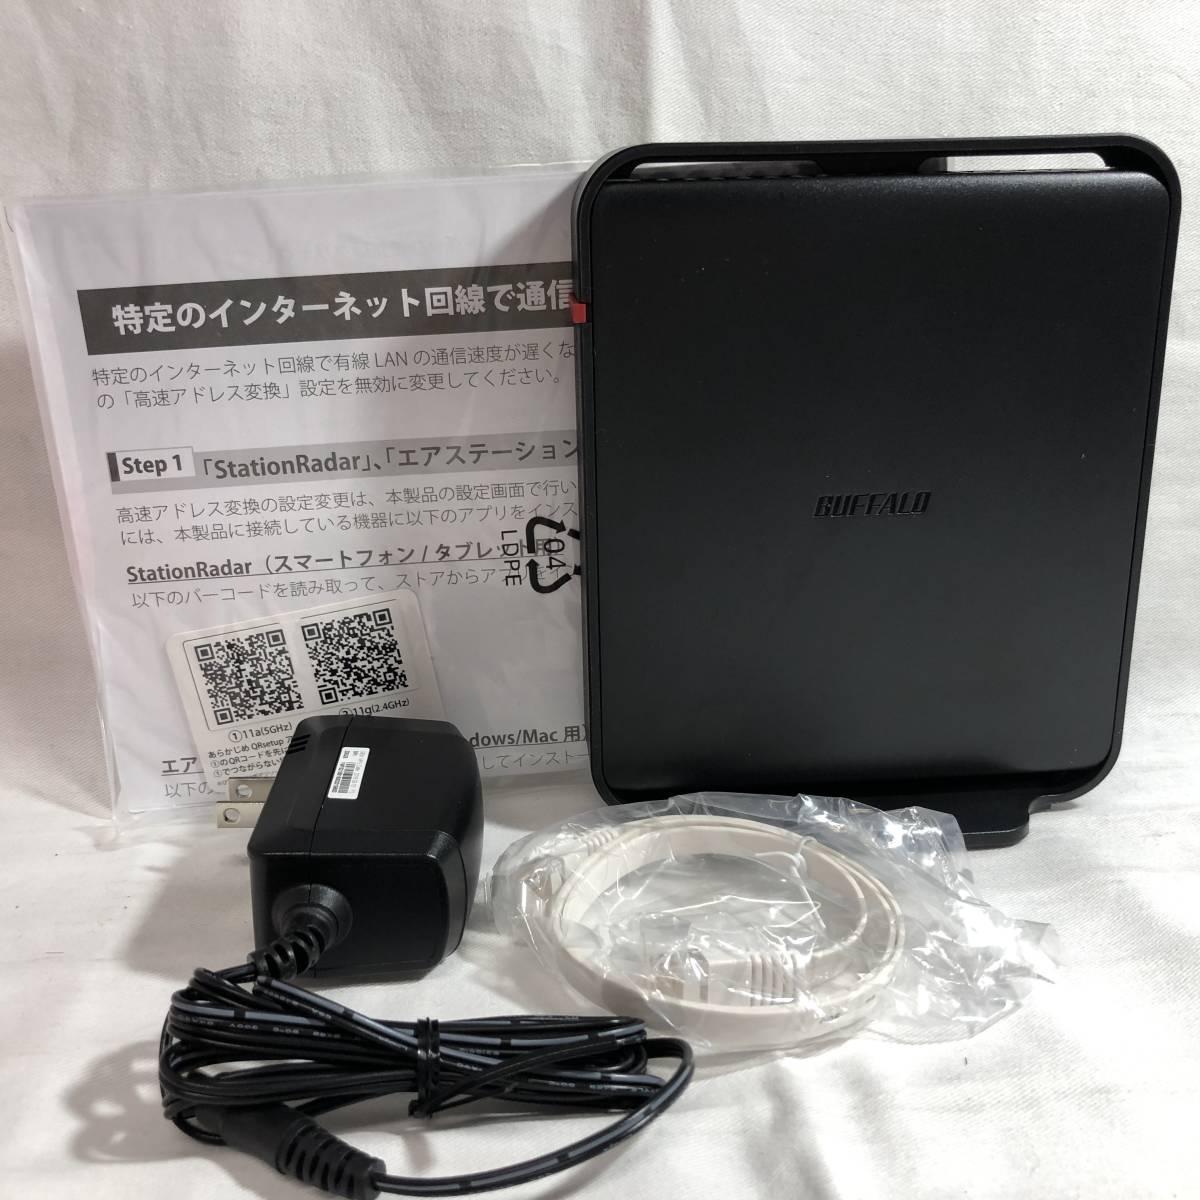 BUFFALO WiFi 無線LAN ルーター WHR-1166DHP4/YND1411